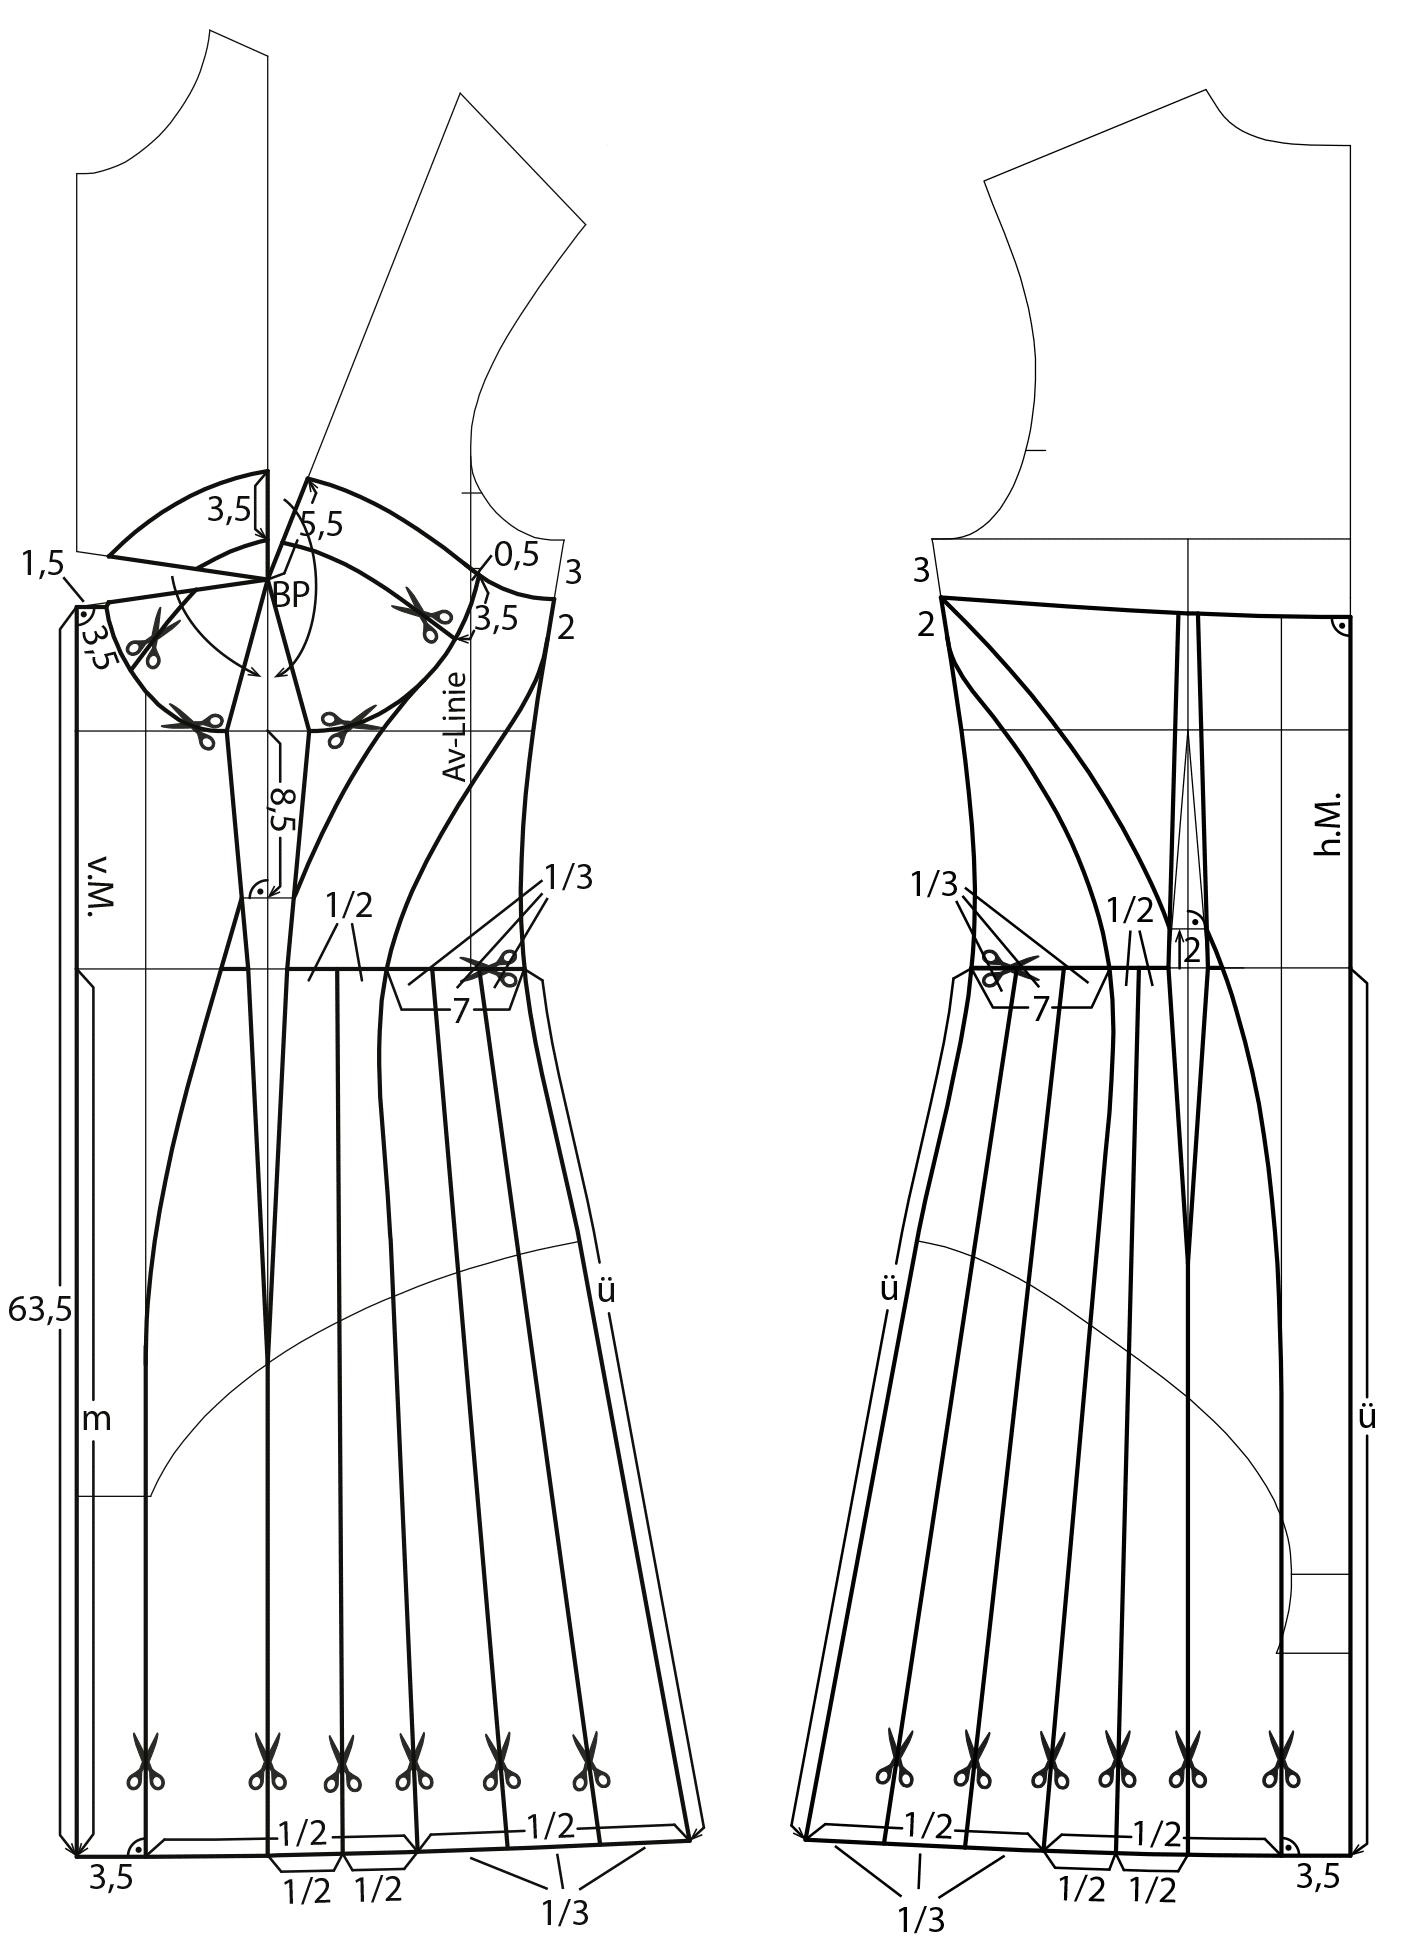 Das Foto zeigt die Schnittkonstruktion eines Neckholder Negliges.